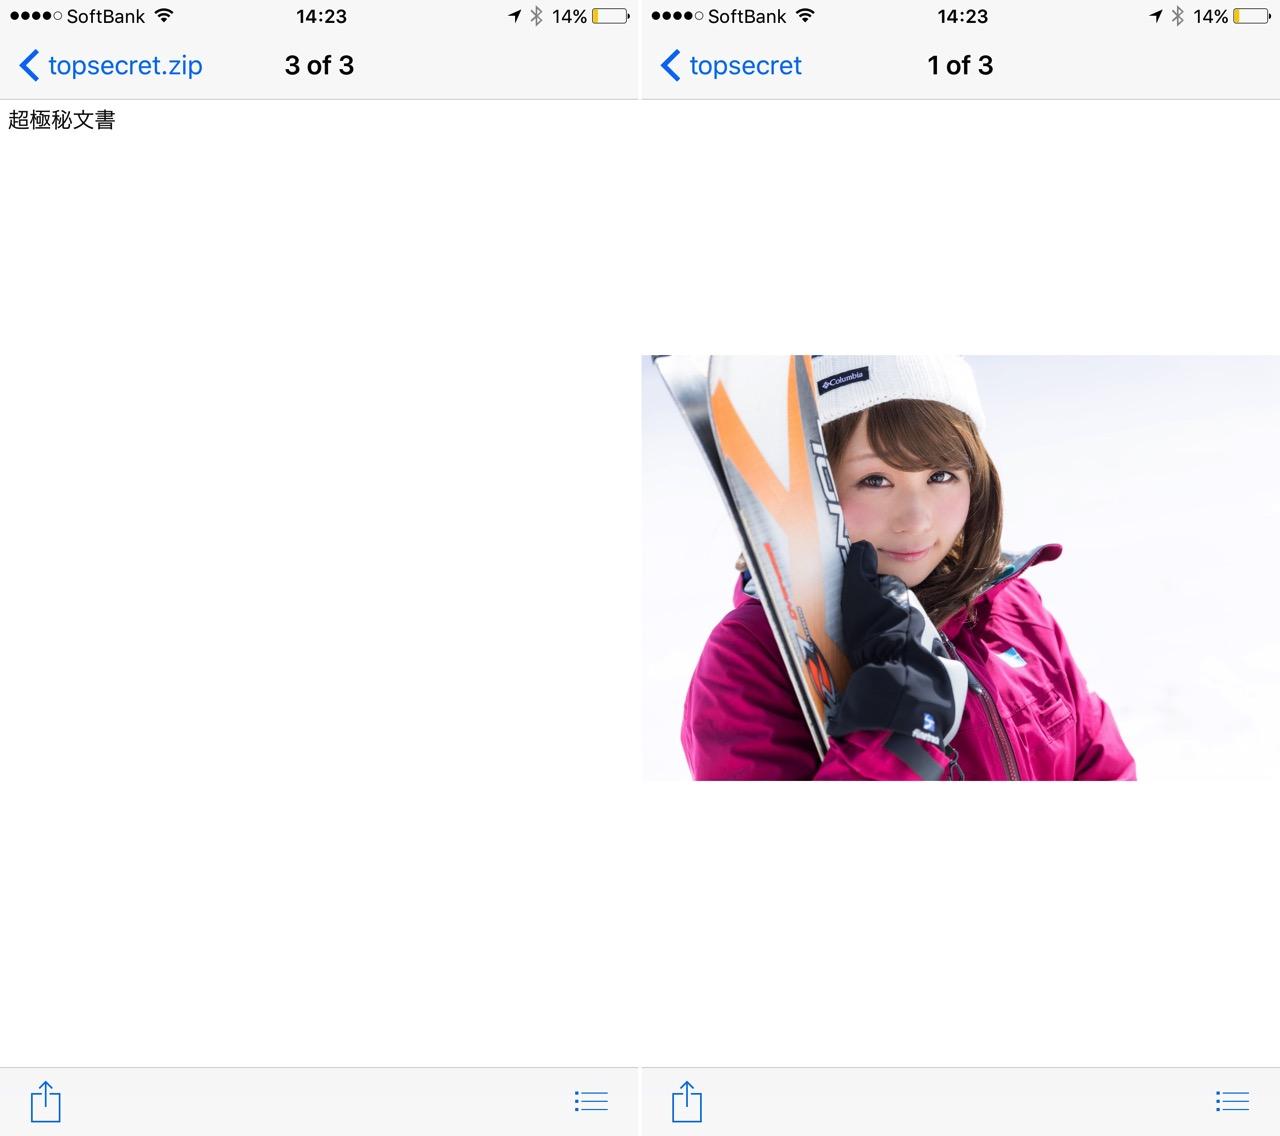 日本語が混じっていても文字化けせずにテキストファイルが見れるし、画像も見れる。